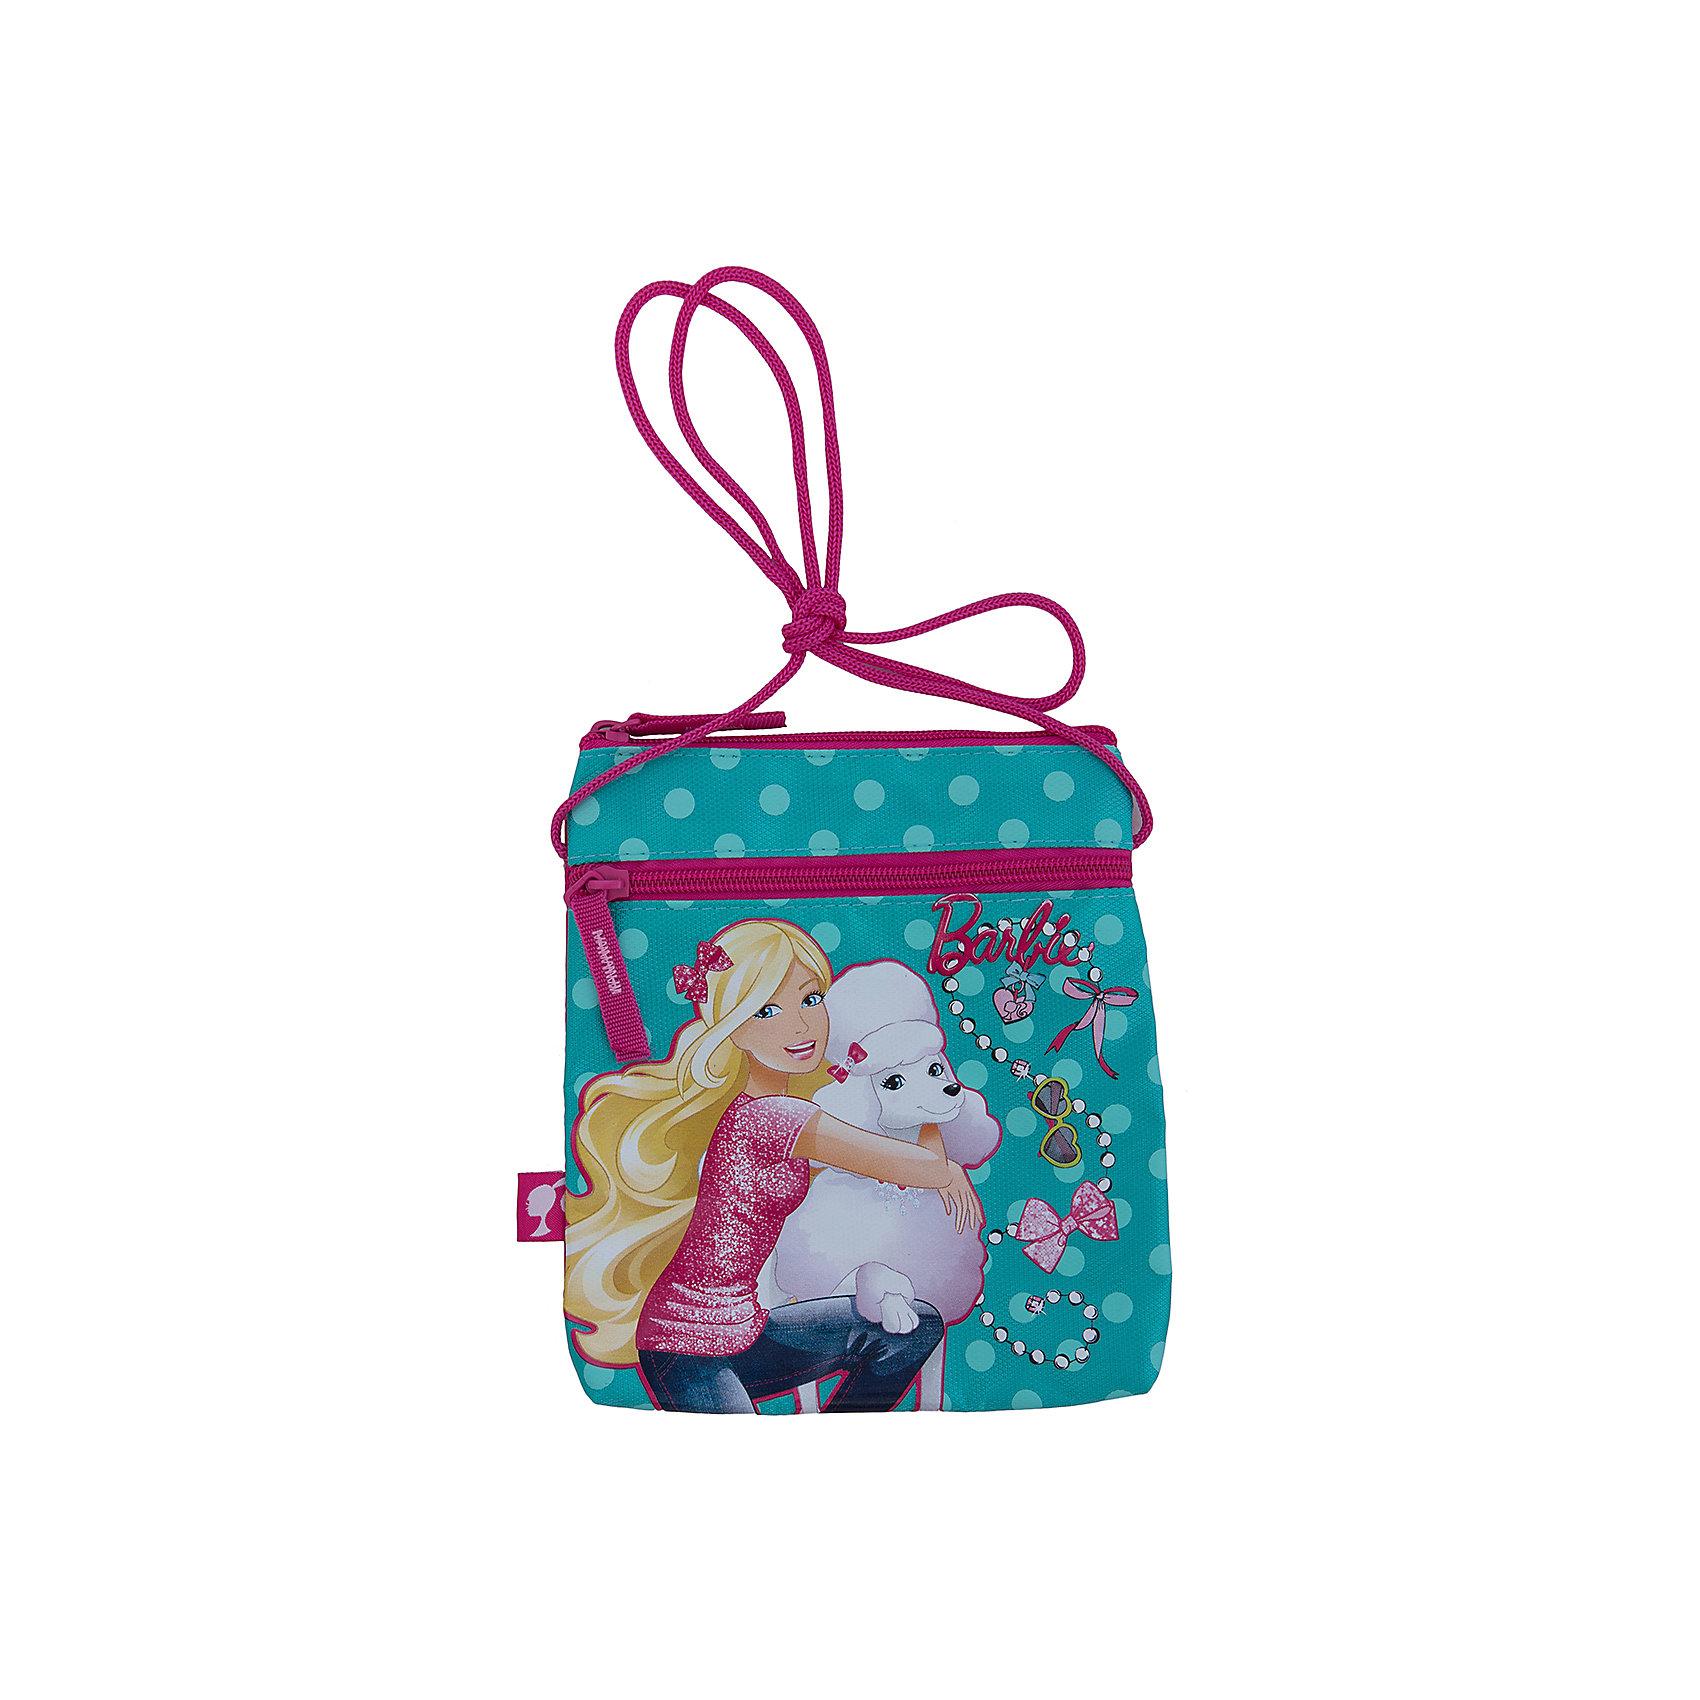 Сумка, BarbieСтильная и практичная сумка Барби (Barbie) идеально подойдет как для дошкольниц, так и для девочек постарше, с ней удобно путешествовать и отправляться на длительные прогулки. В симпатичную сумку можно положить все самое необходимое, в ней два вместительных отделения на молнии, плечевой регулируемый ремешок. Сумка выполнена в нежной бирюзово-розовой расцветке с изображением куколки Барби.<br><br>Дополнительная информация:<br><br>- Материал: полиэстер.<br>- Размер: 20 х 17 х 2,5 см.<br><br>Сумку Barbie можно купить в нашем интернет-магазине.<br><br>Ширина мм: 200<br>Глубина мм: 175<br>Высота мм: 25<br>Вес г: 500<br>Возраст от месяцев: 96<br>Возраст до месяцев: 108<br>Пол: Женский<br>Возраст: Детский<br>SKU: 3563133